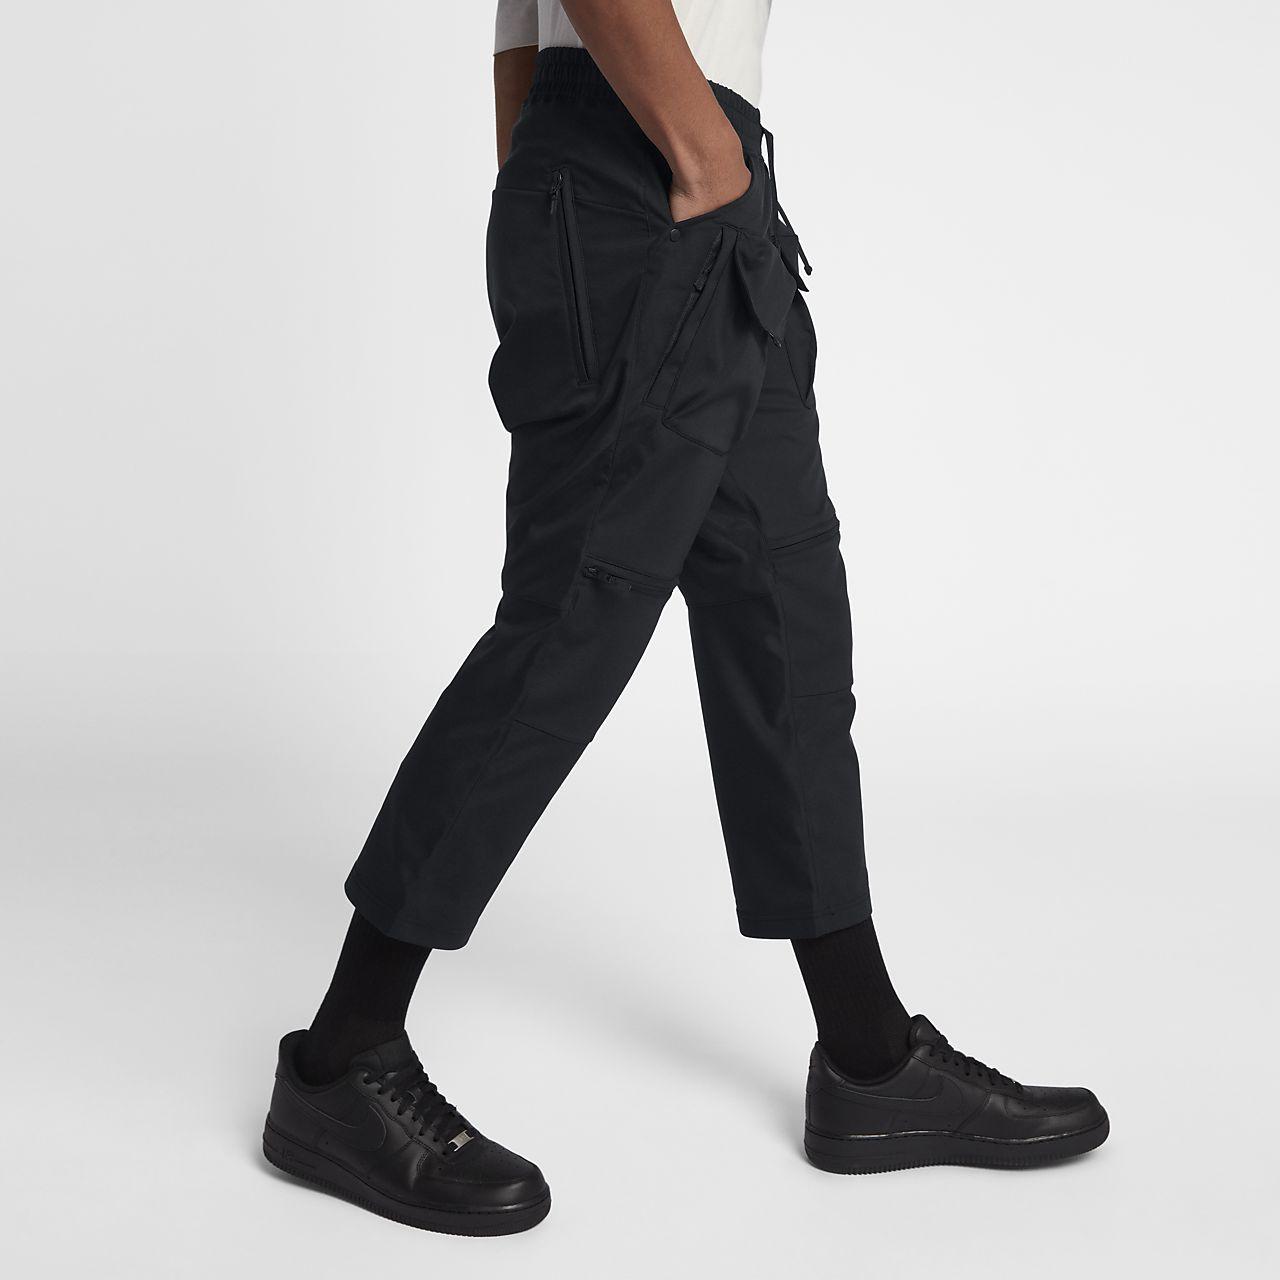 NikeLab AAE 2.0 男款 3/4 運動褲